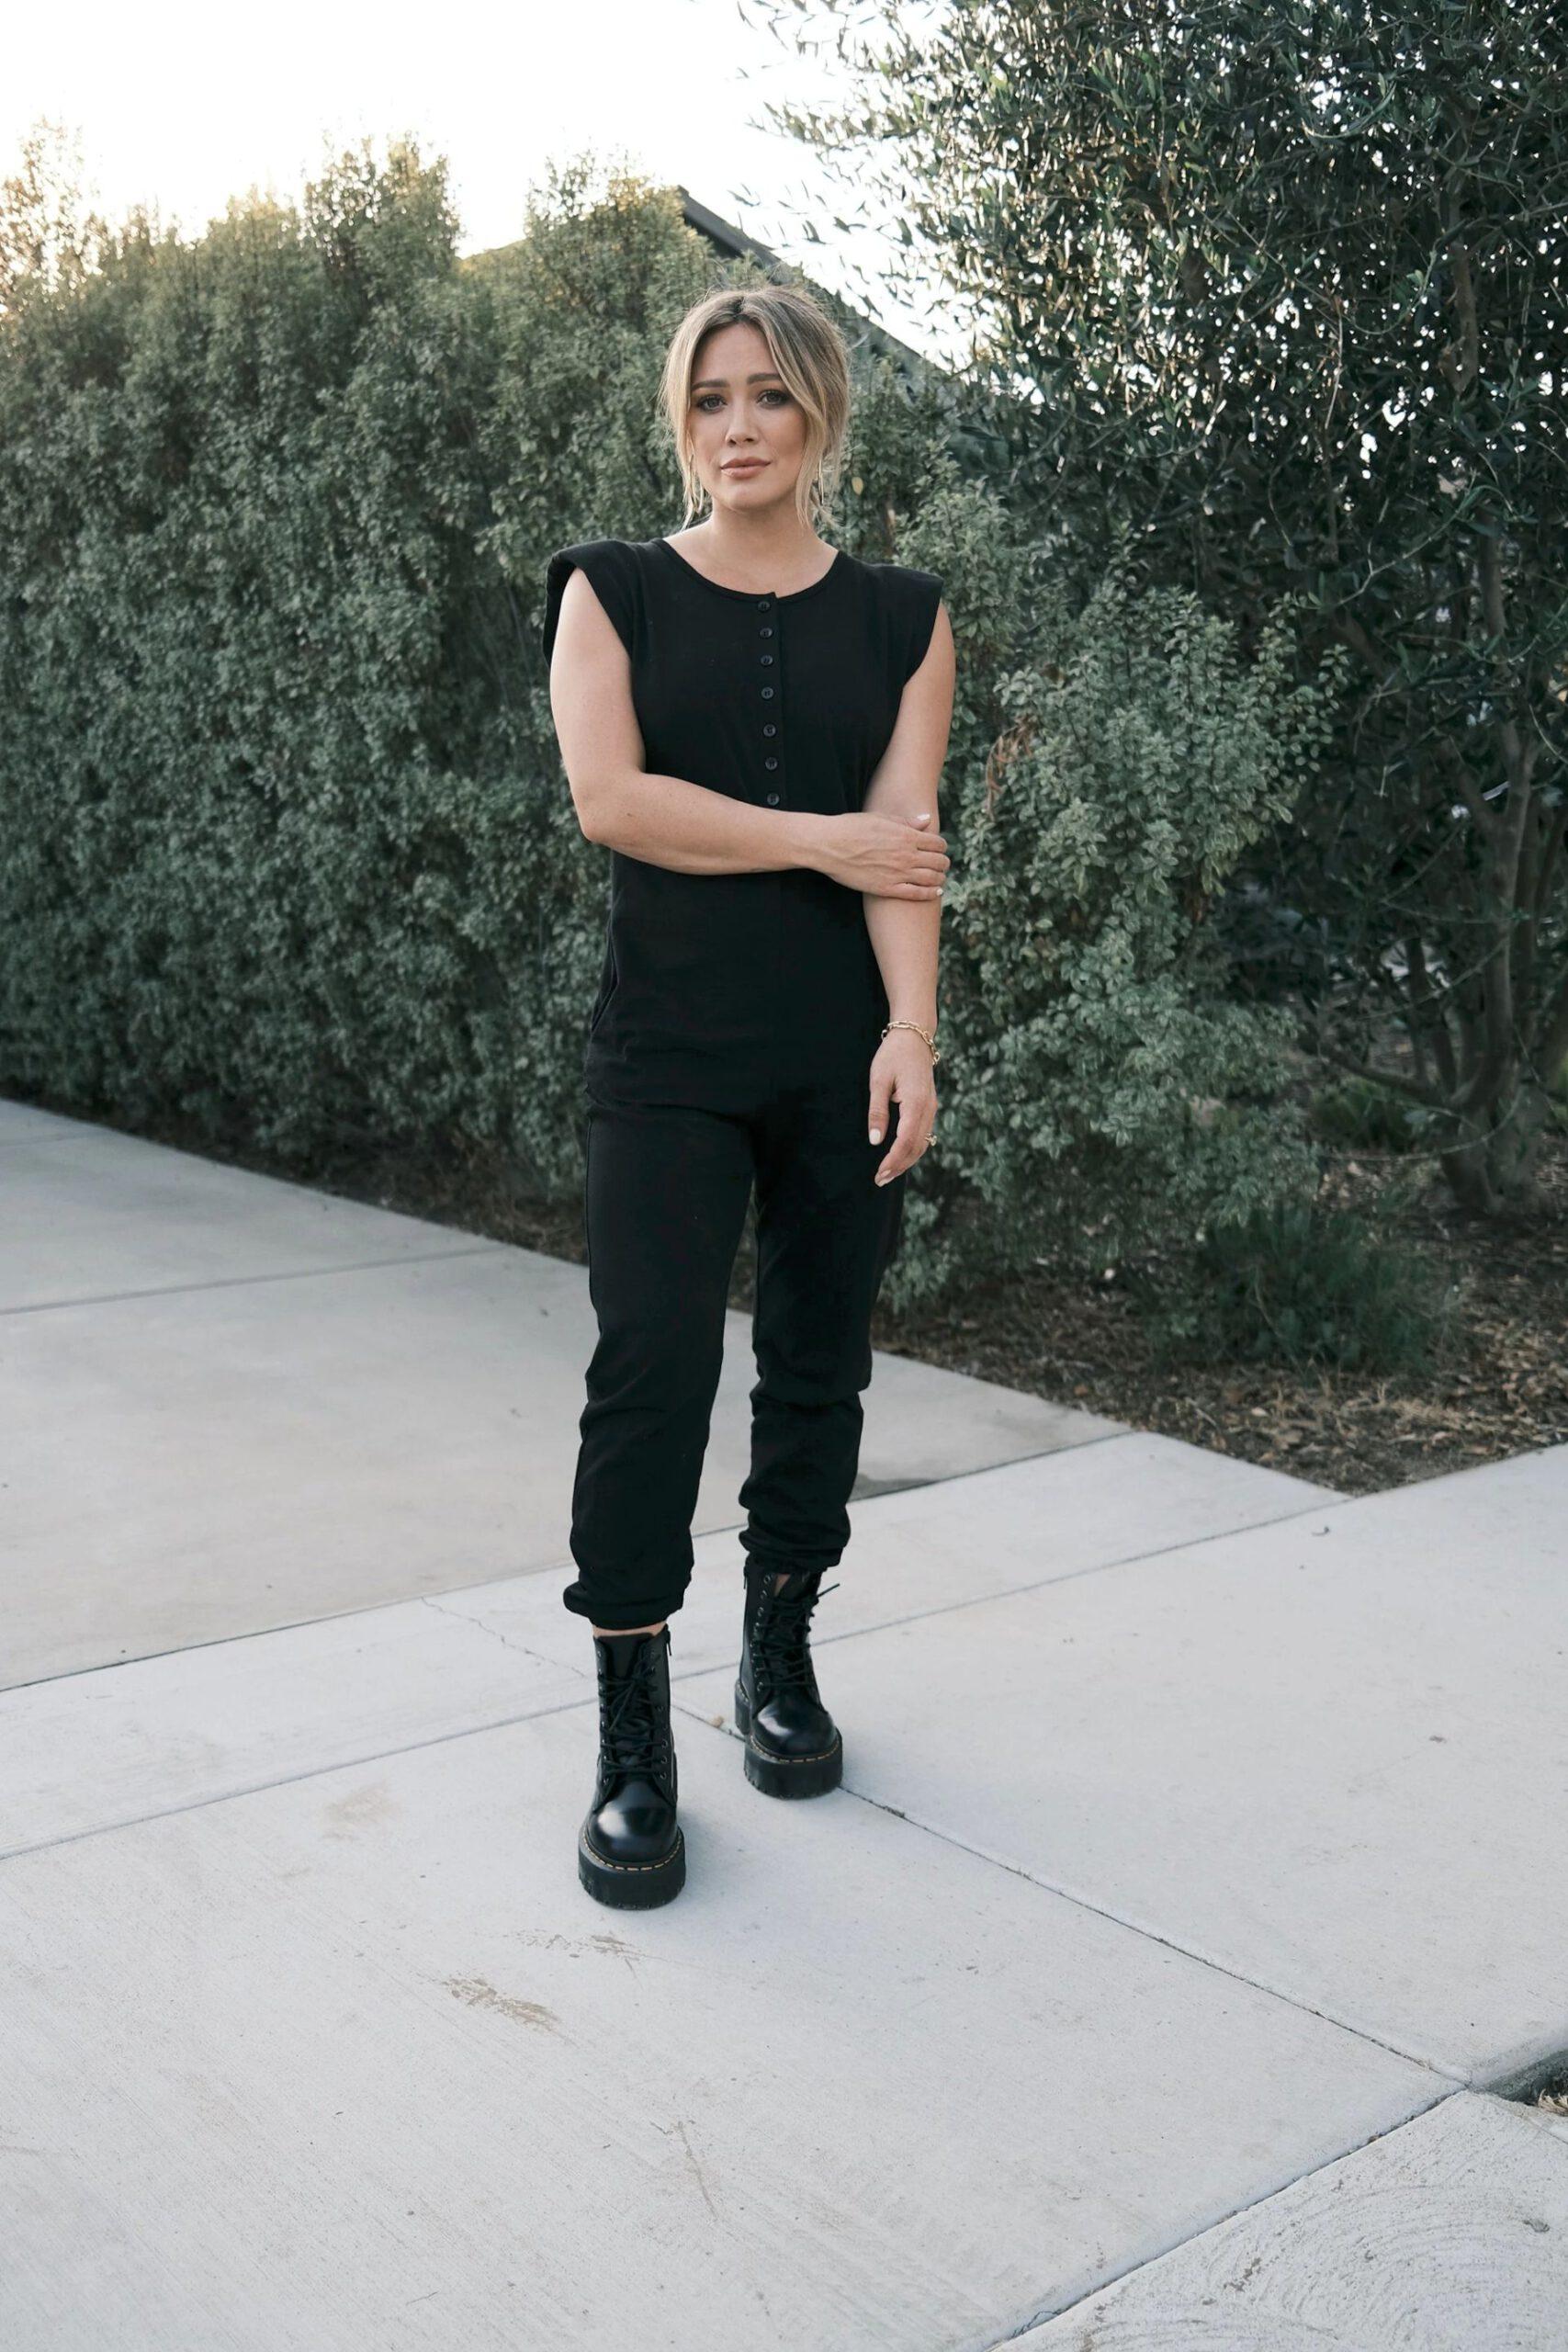 Hilary Duff Beautiful Pics